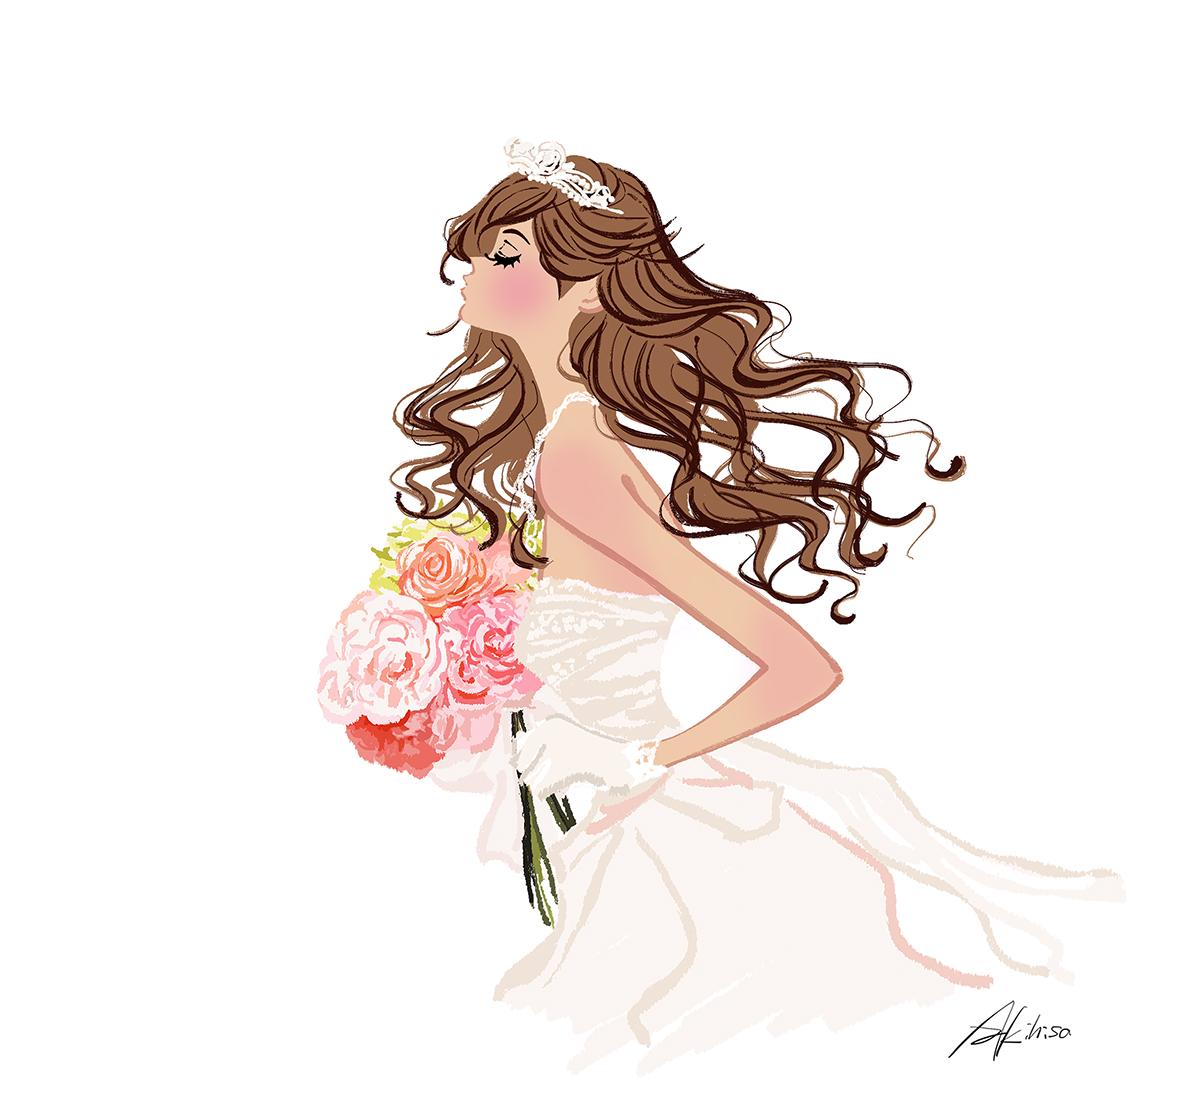 ウェディング・ドレス/花嫁のイラスト